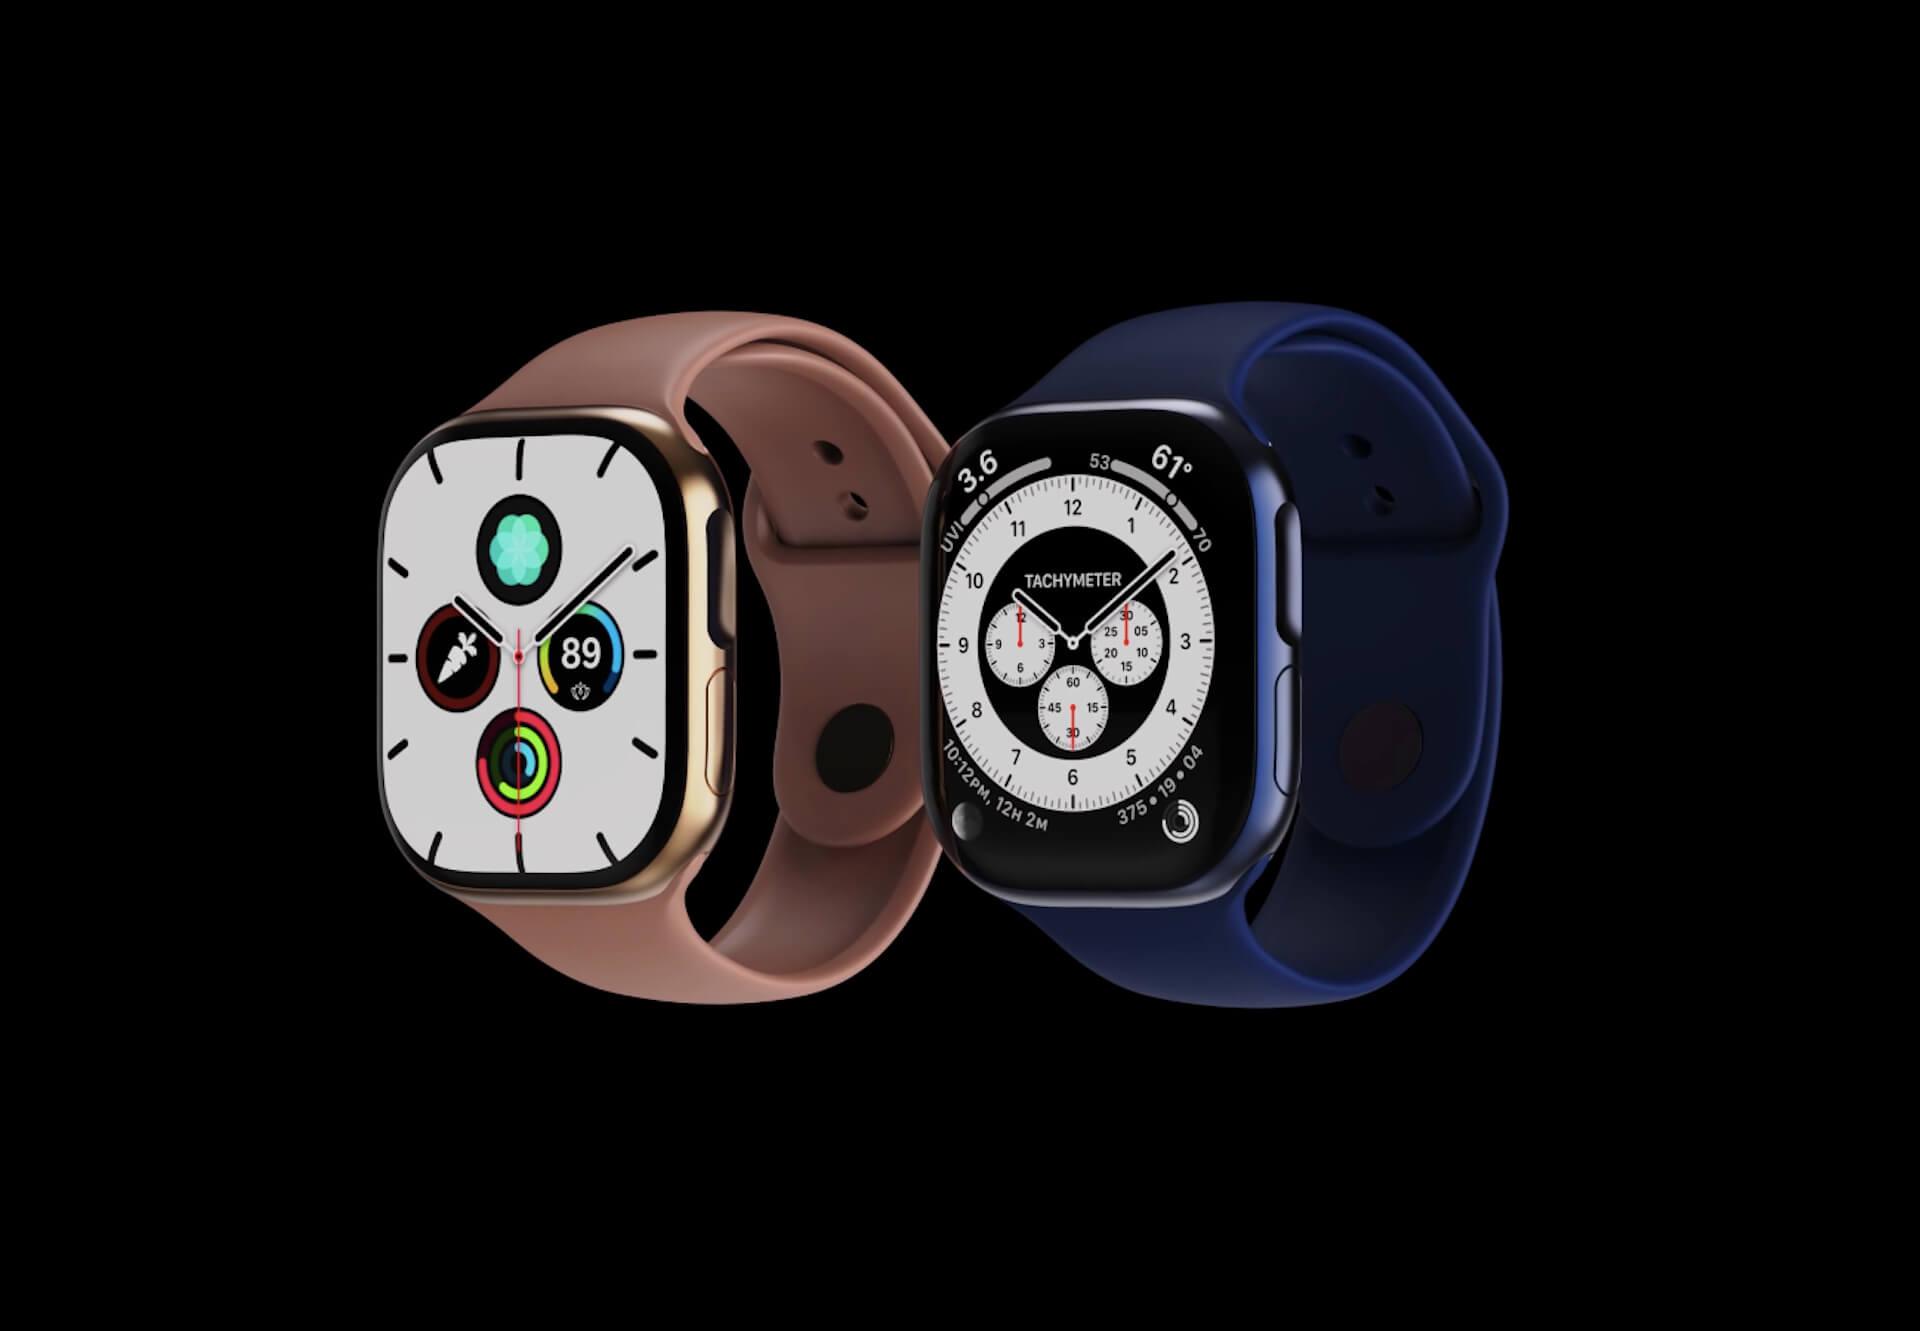 9月登場のApple Watchは2種類が発表?新型iPadはやはりiPad Airか|Apple独自のオーバーイヤーヘッドホンも登場の可能性 tech200902_applewatch_ipad_main